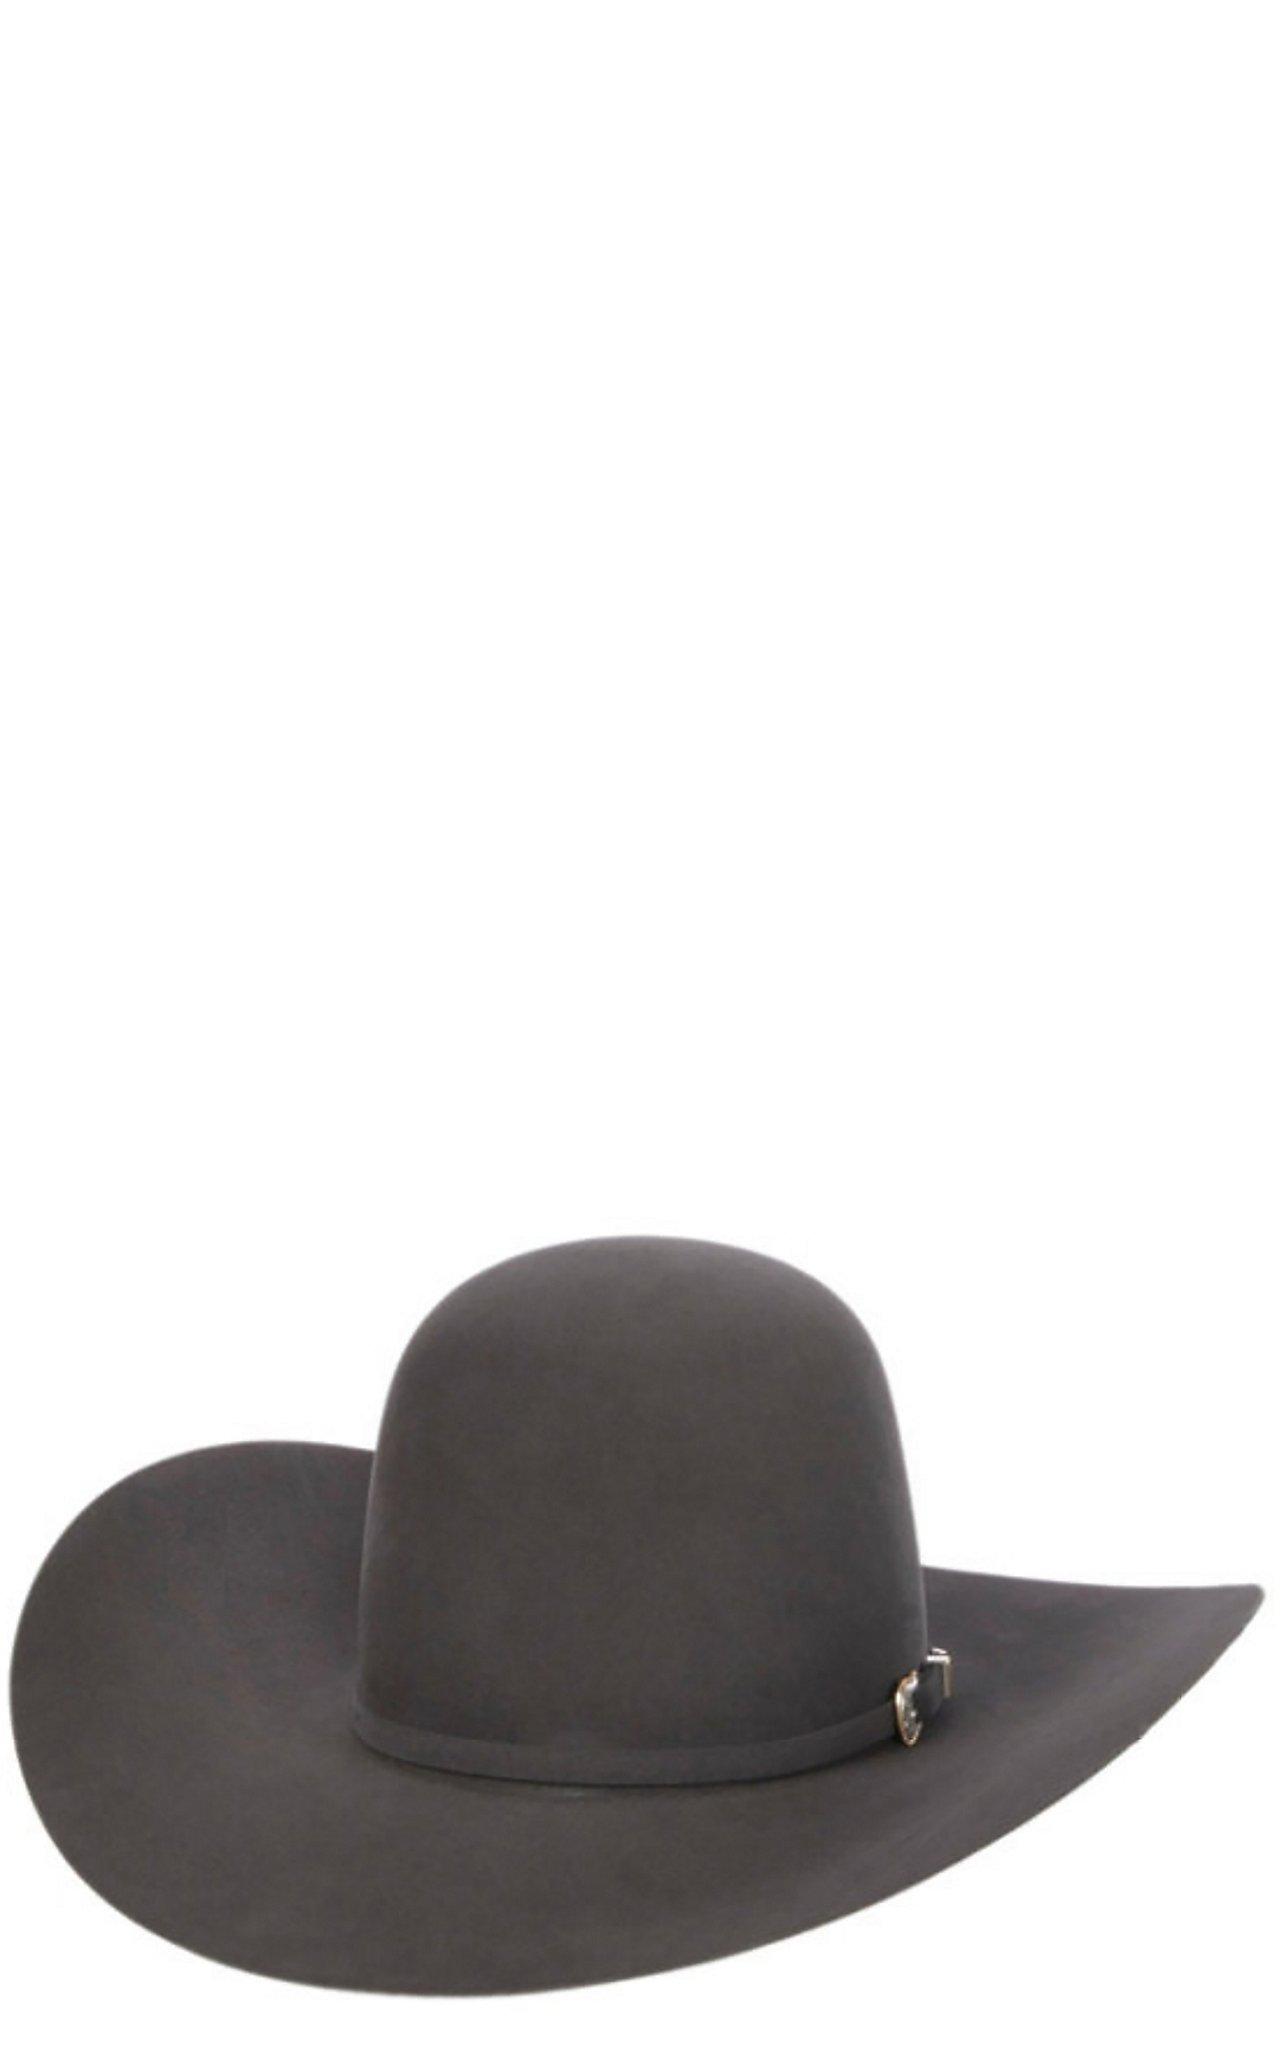 American Hat 10X Steel Gray Open Crown Cowboy Hat ba26f2b6b81